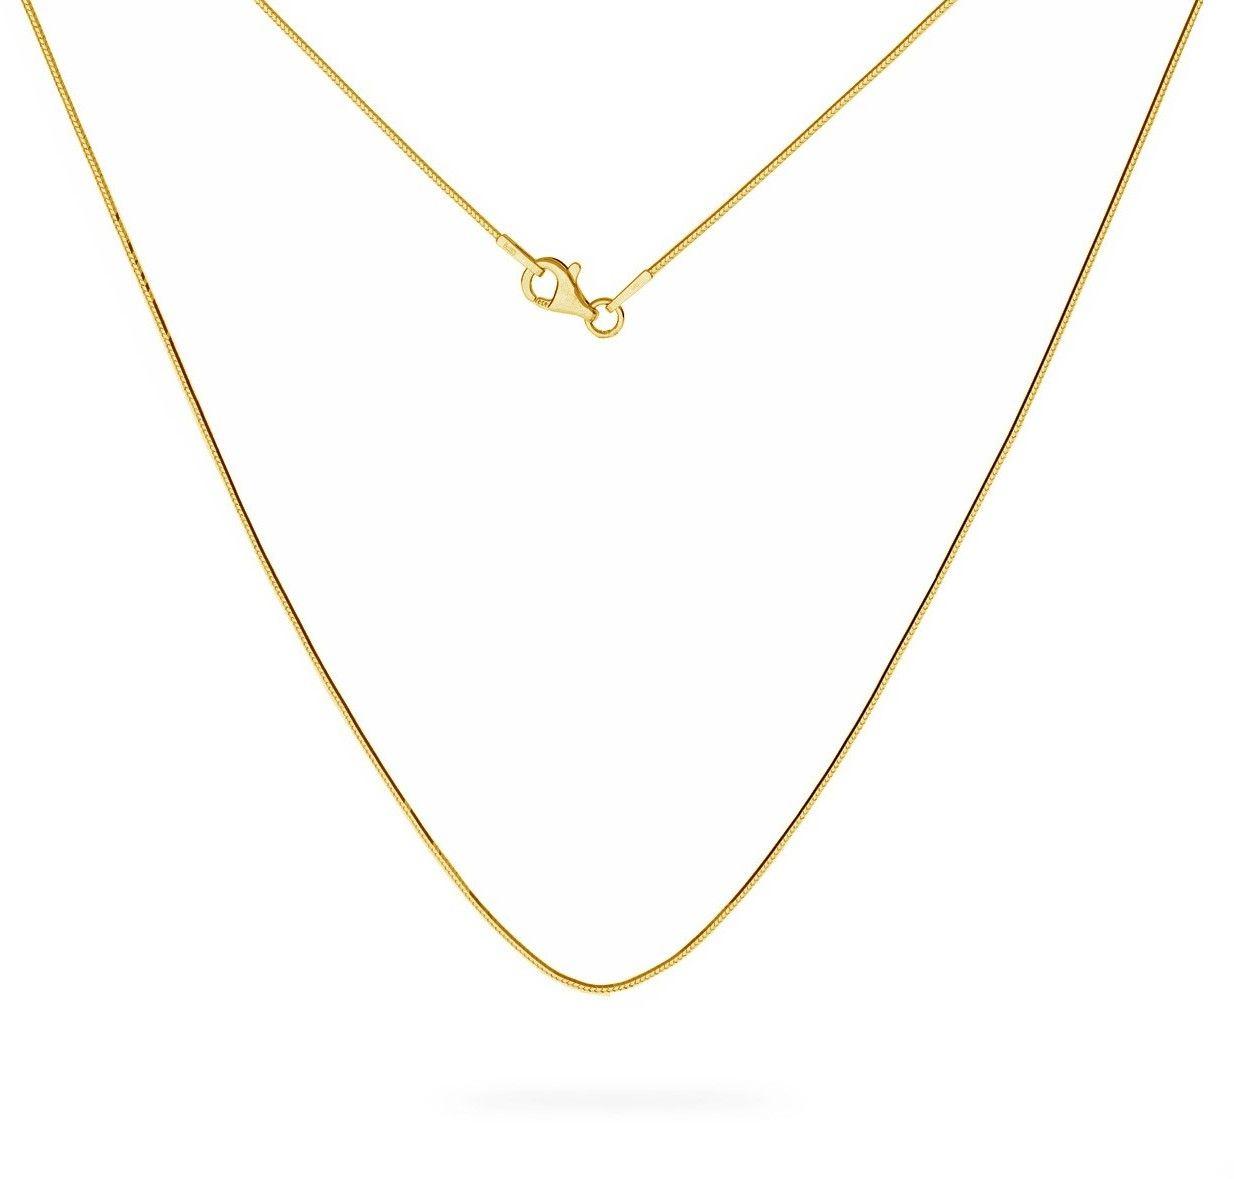 Srebrny łańcuszek linka diamentowana, srebro 925 : Długość (cm) - 50, Srebro - kolor pokrycia - Pokrycie żółtym 18K złotem